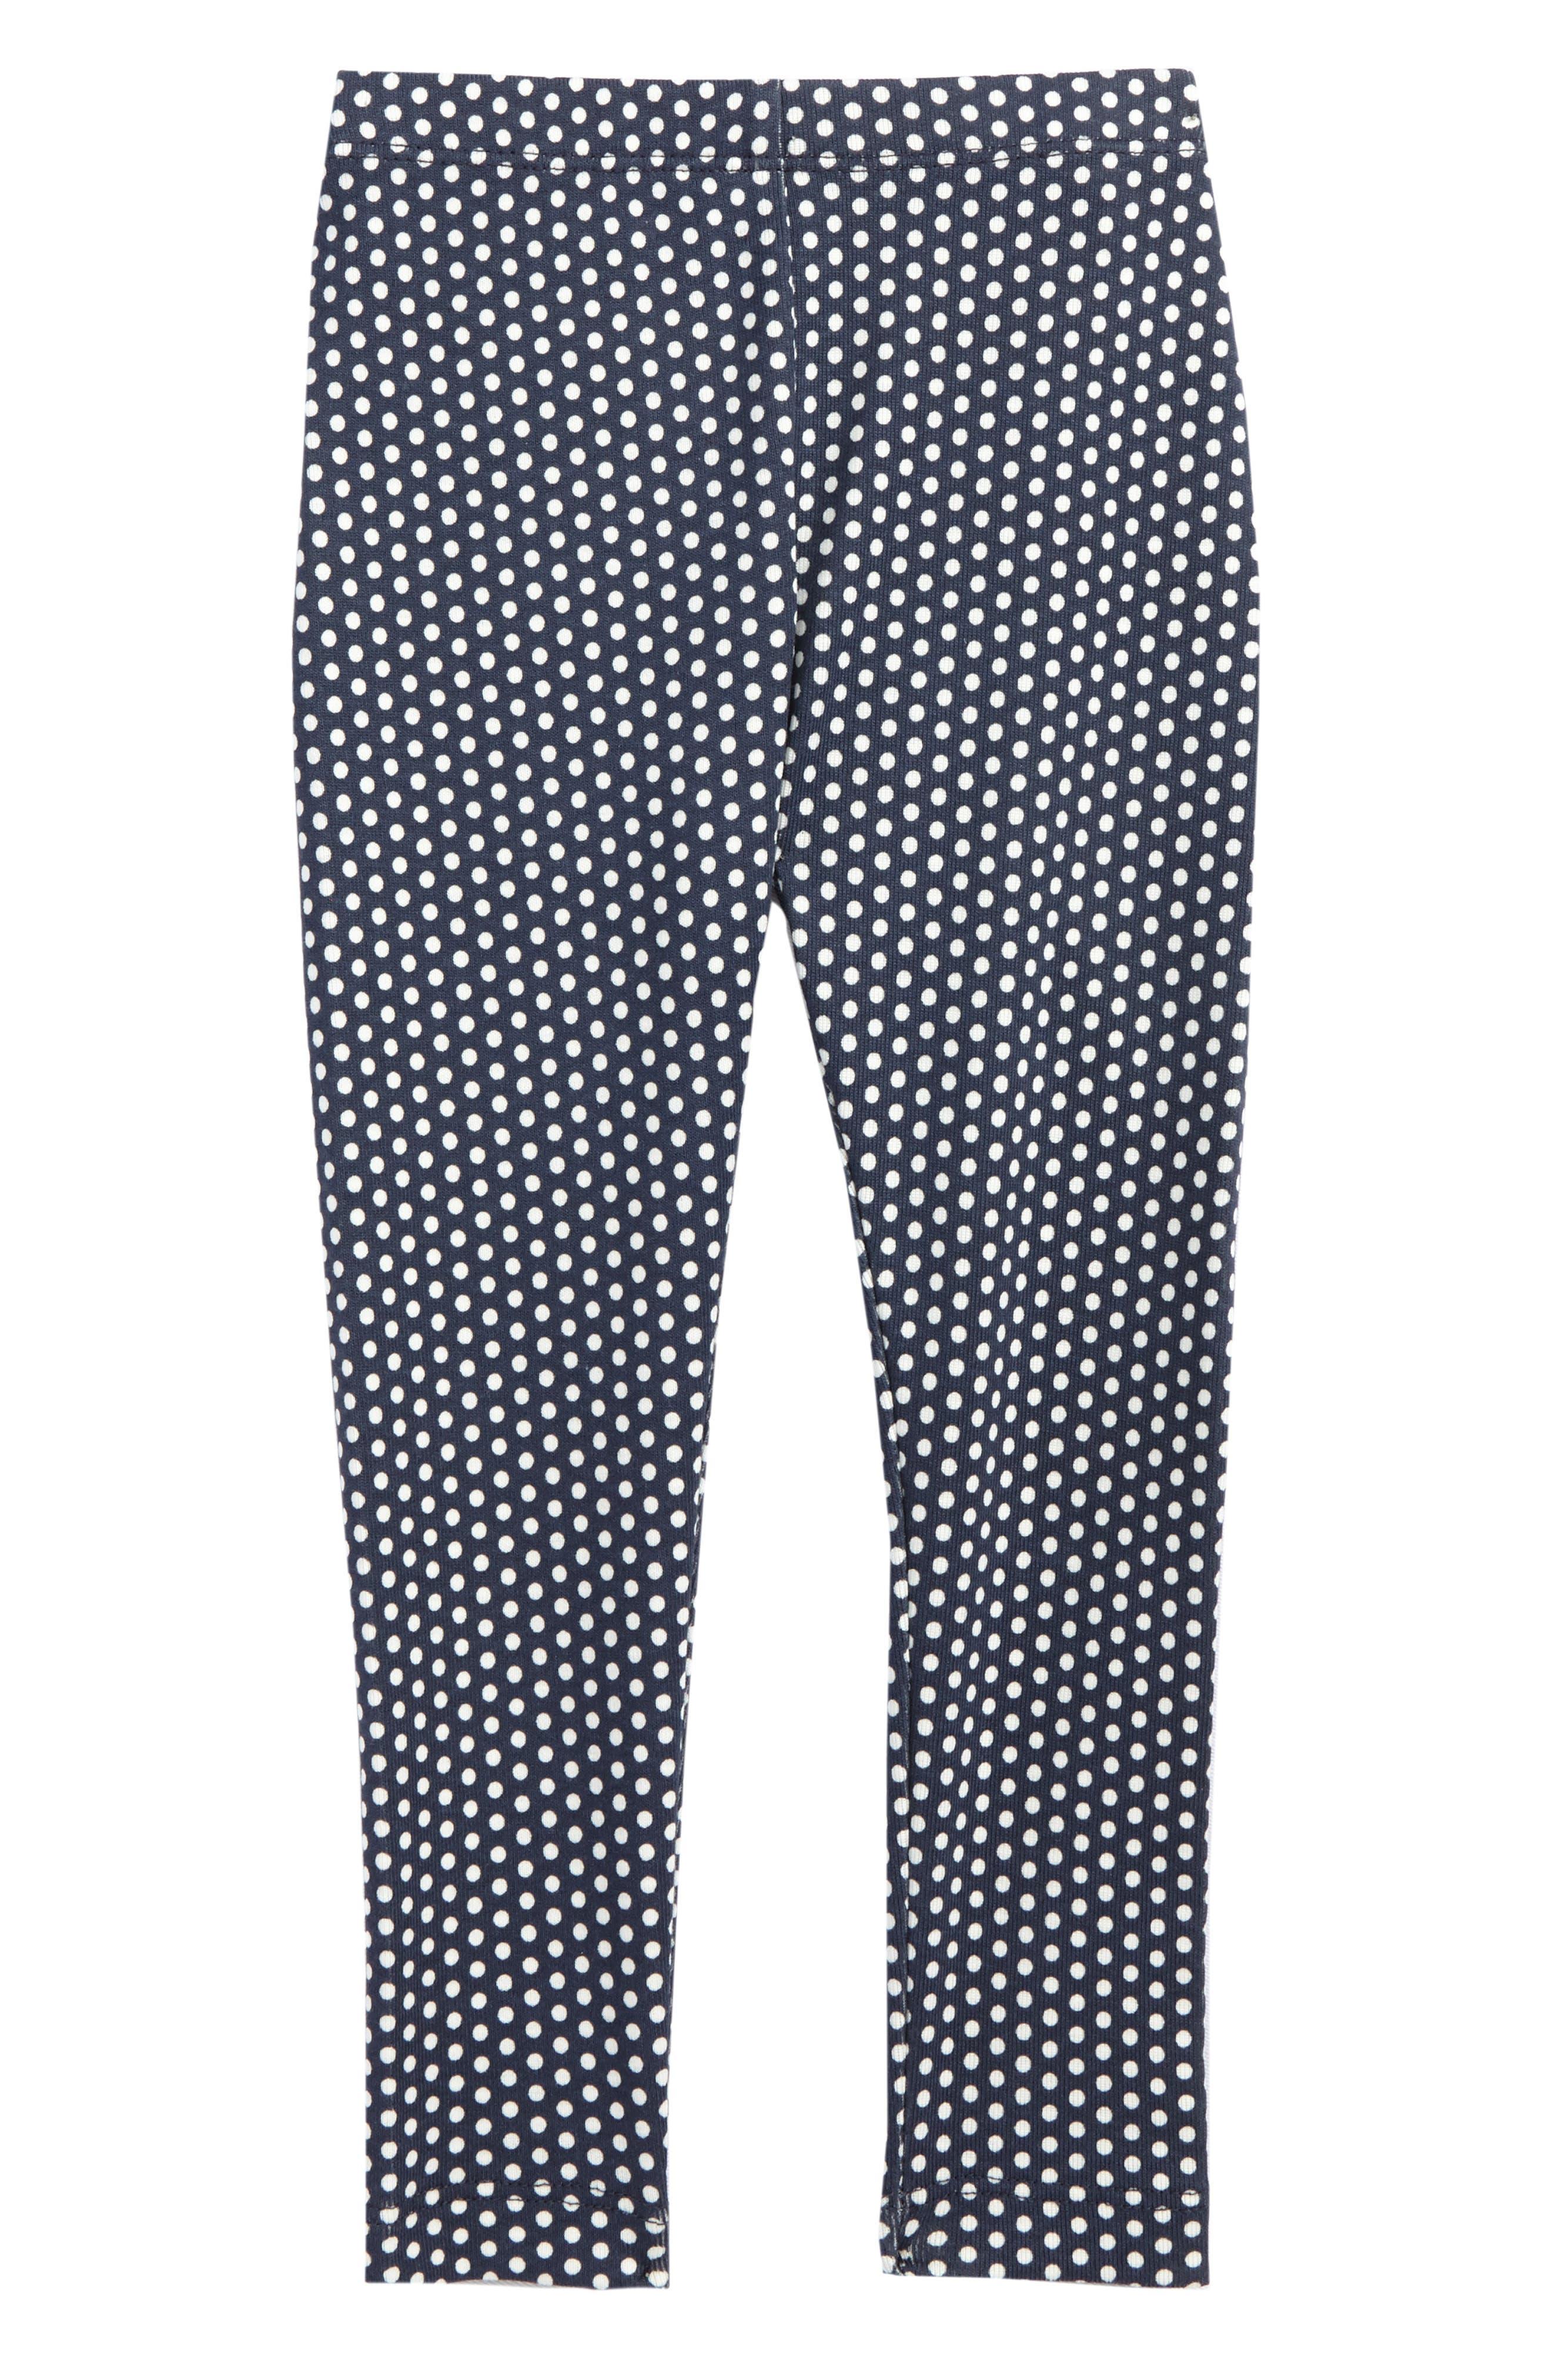 Polka Dot Leggings,                             Main thumbnail 1, color,                             411